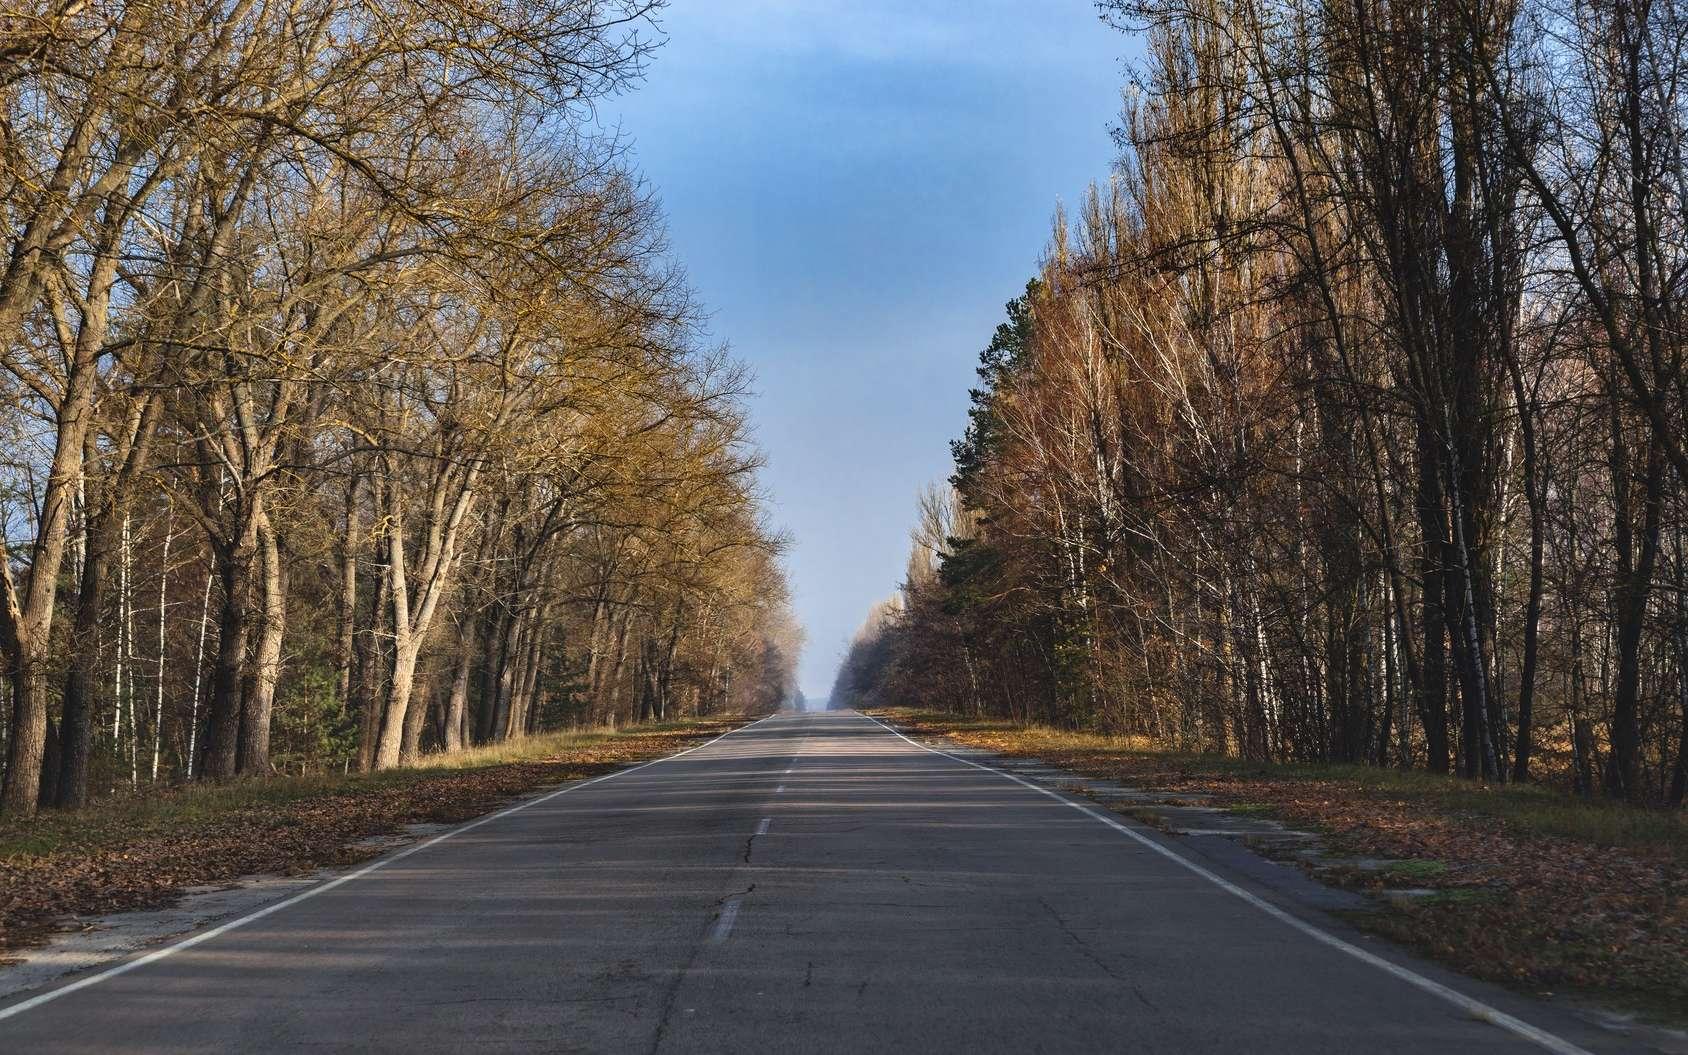 Dans la zone d'exclusion de Tchernobyl, les scientifiques étudient la biodiversité présente. © Sved Oliver, Fotolia